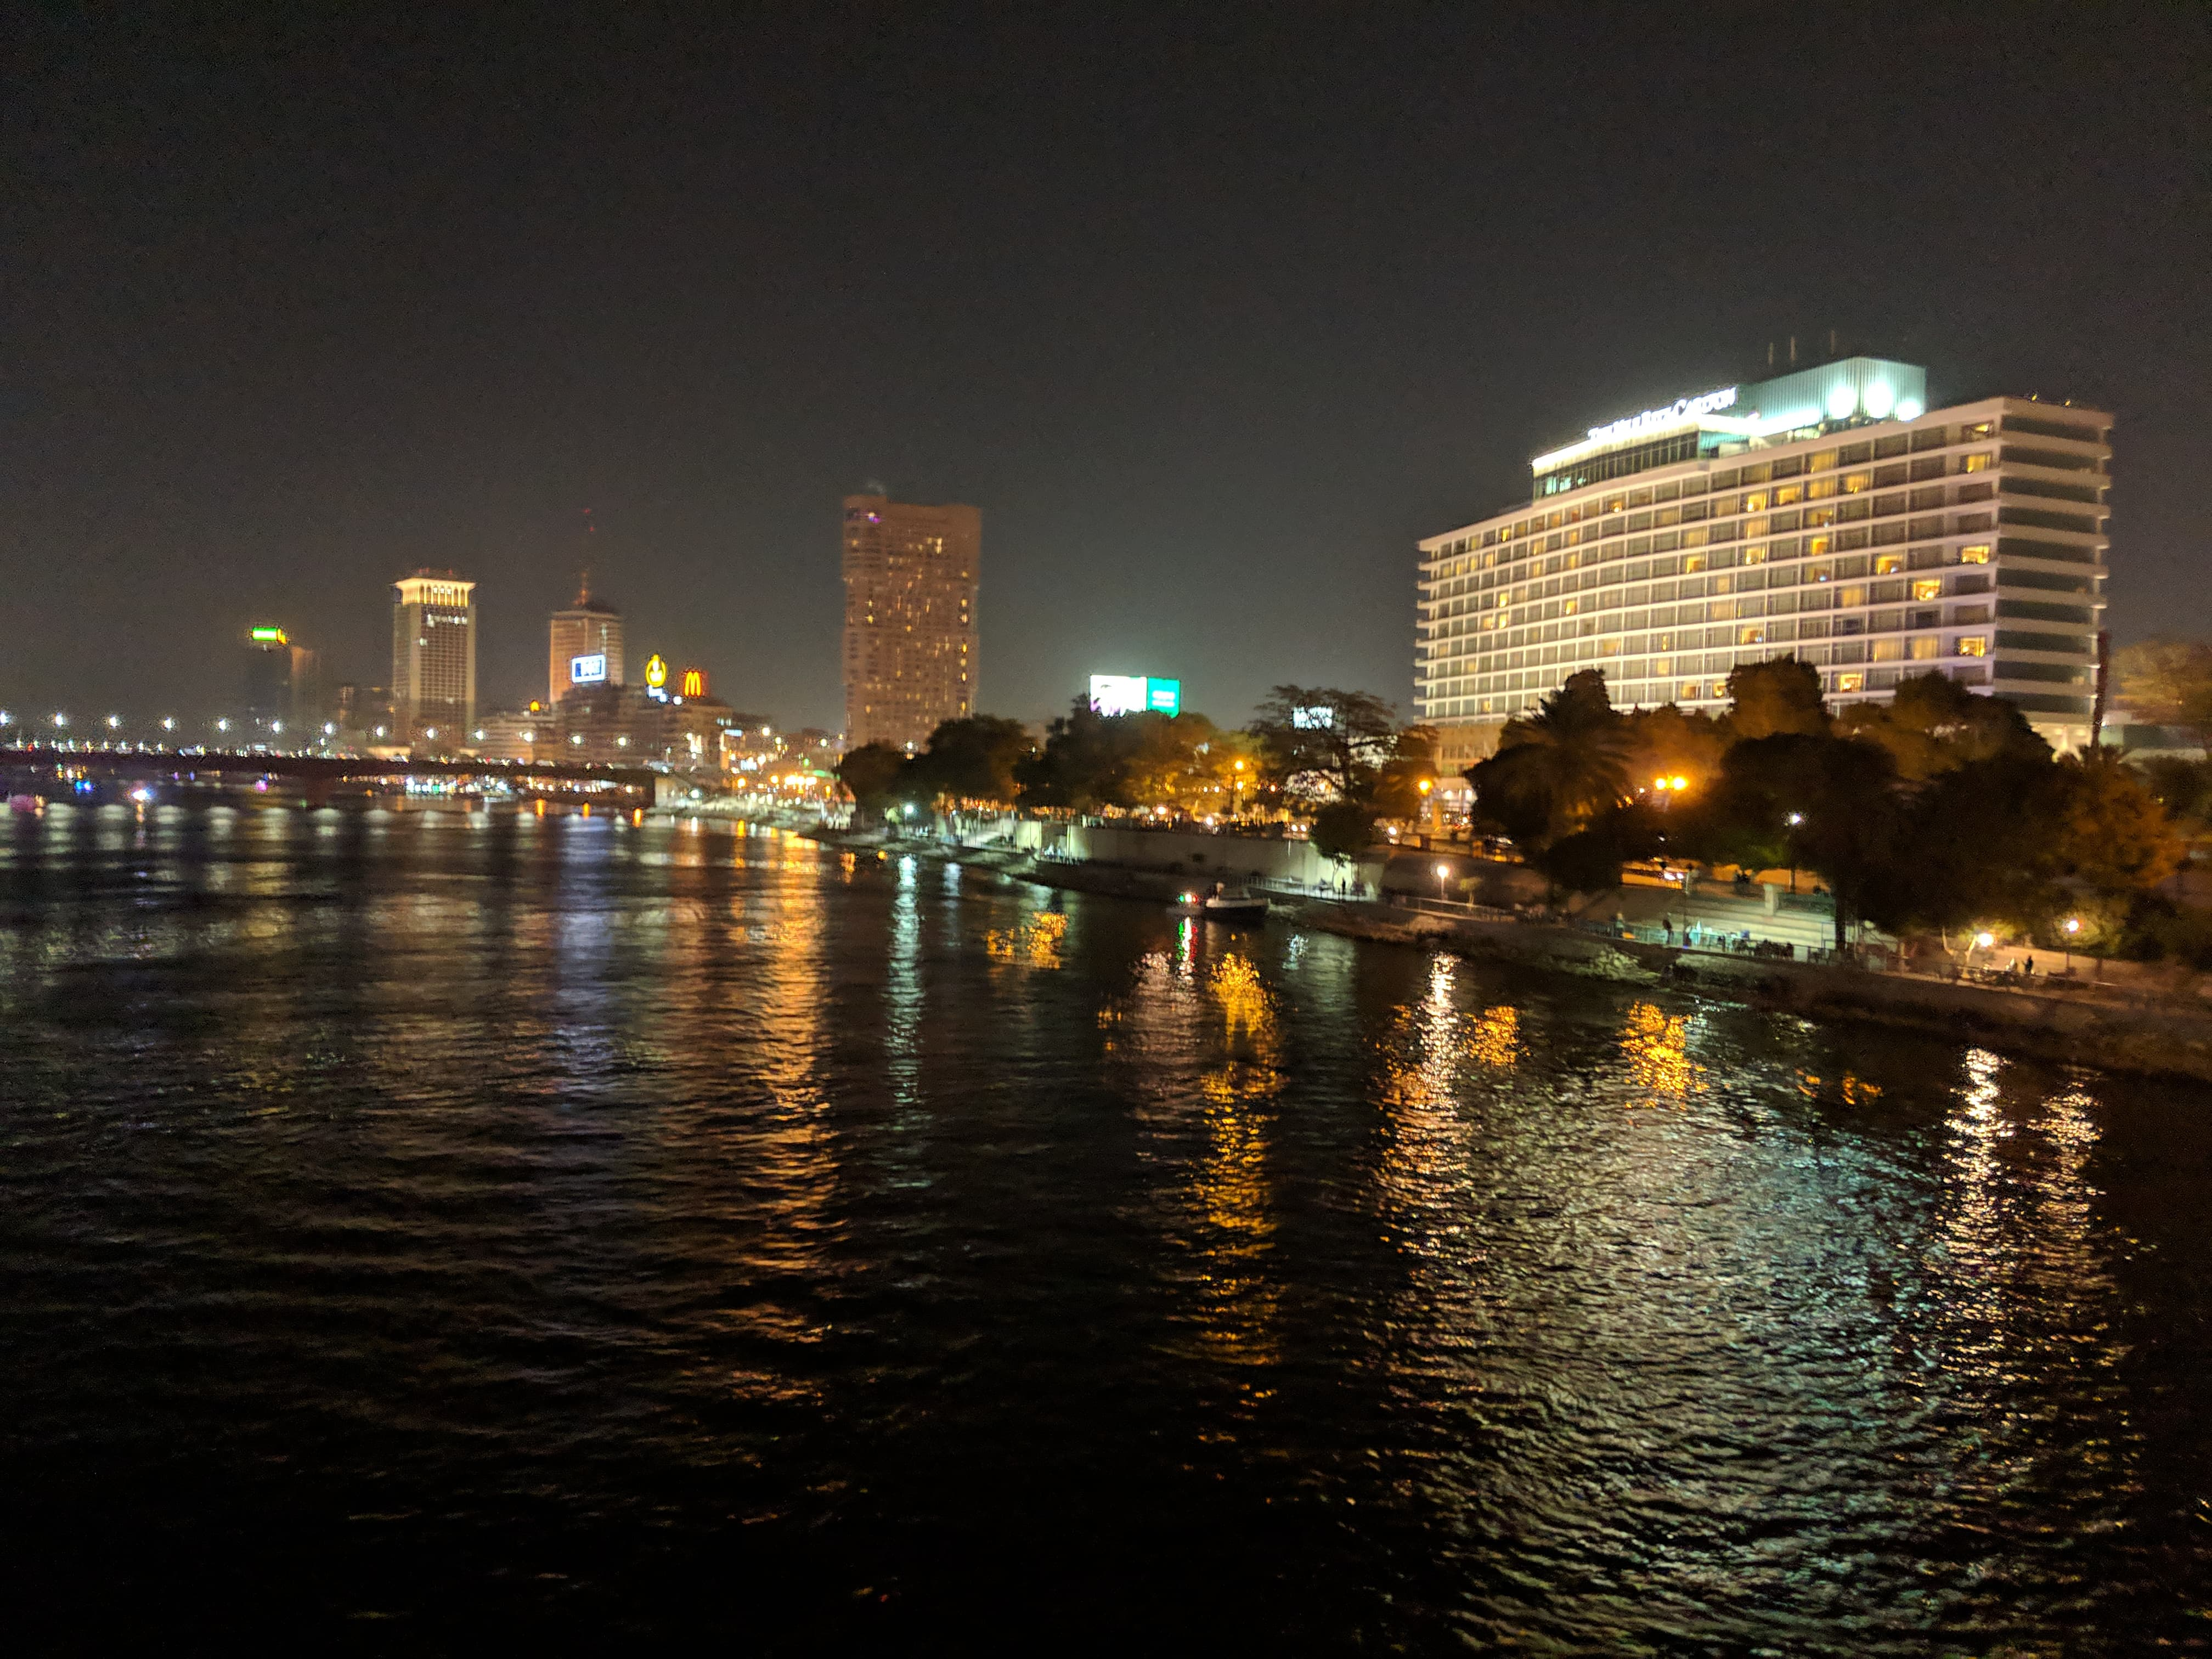 The Nile at night